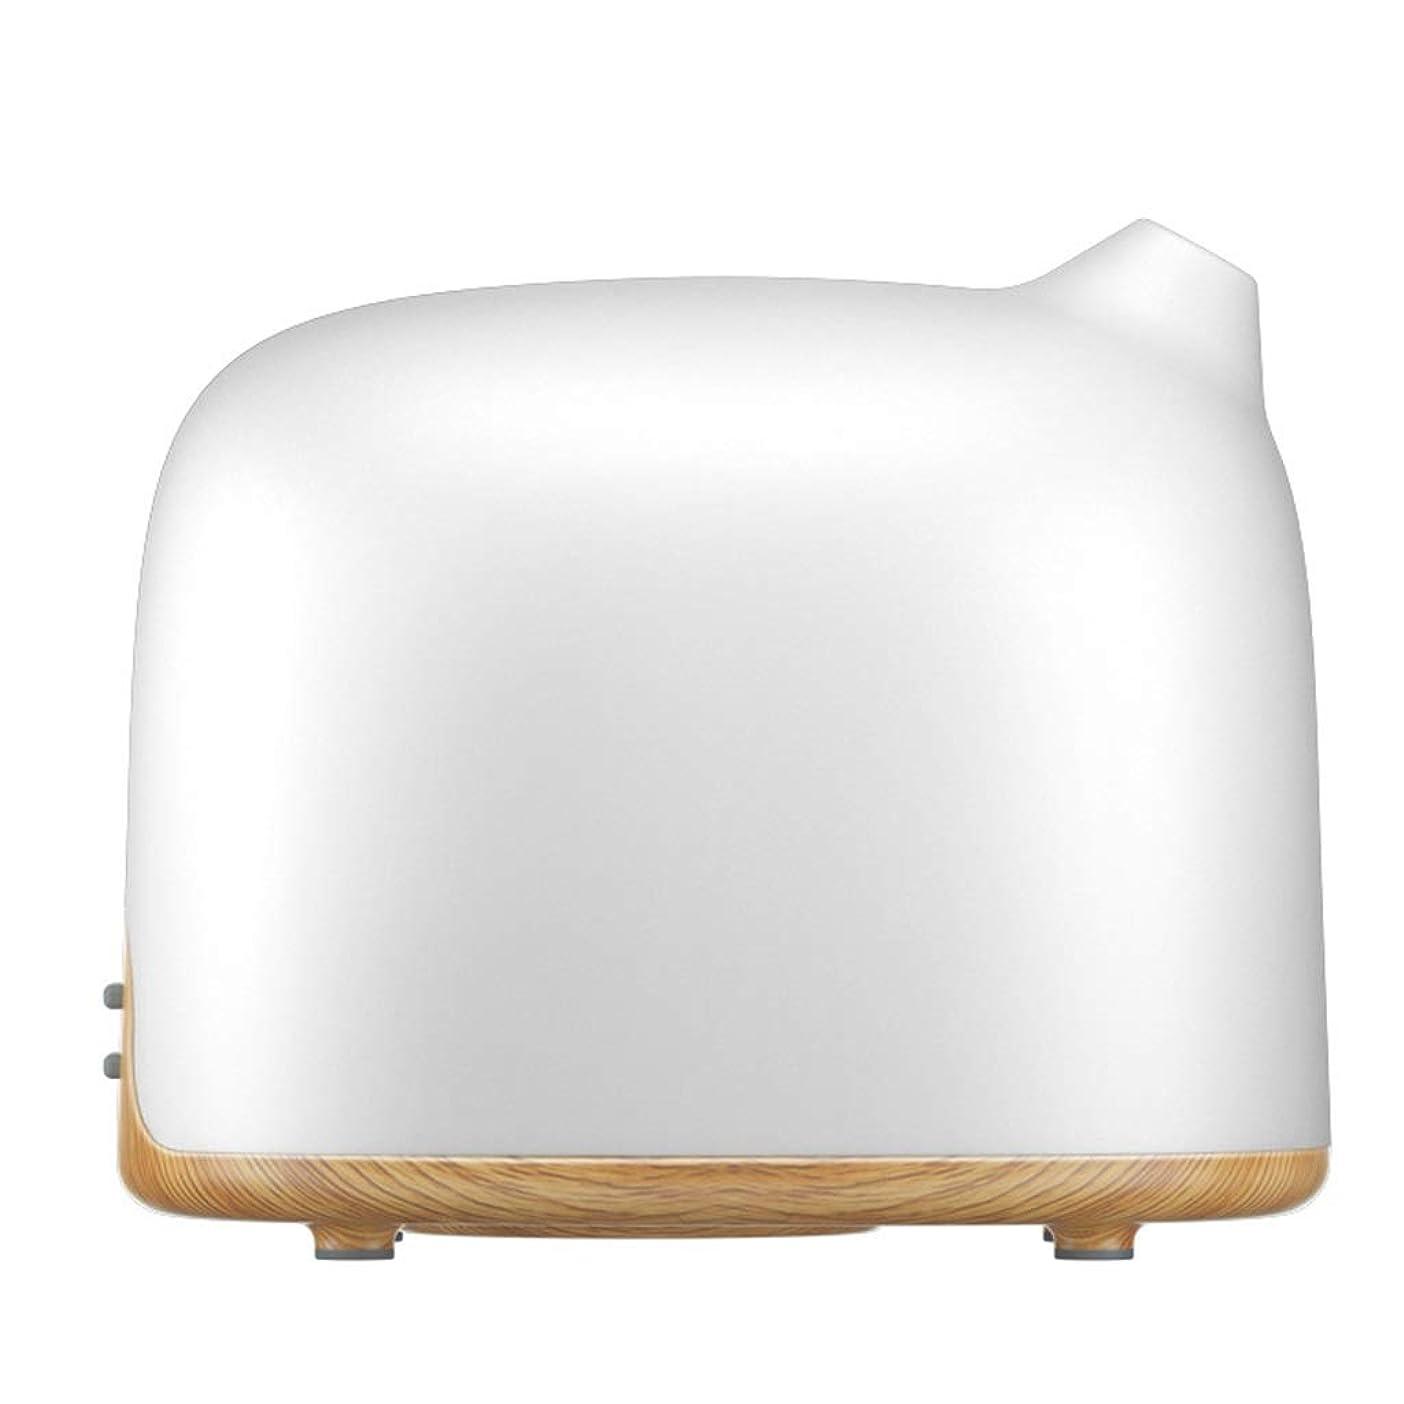 もつれクーポンスラム空気加湿器ホームサイレント寝室妊娠中の女性ベビーエアフォグ大容量ディフューザー (Color : Natural)